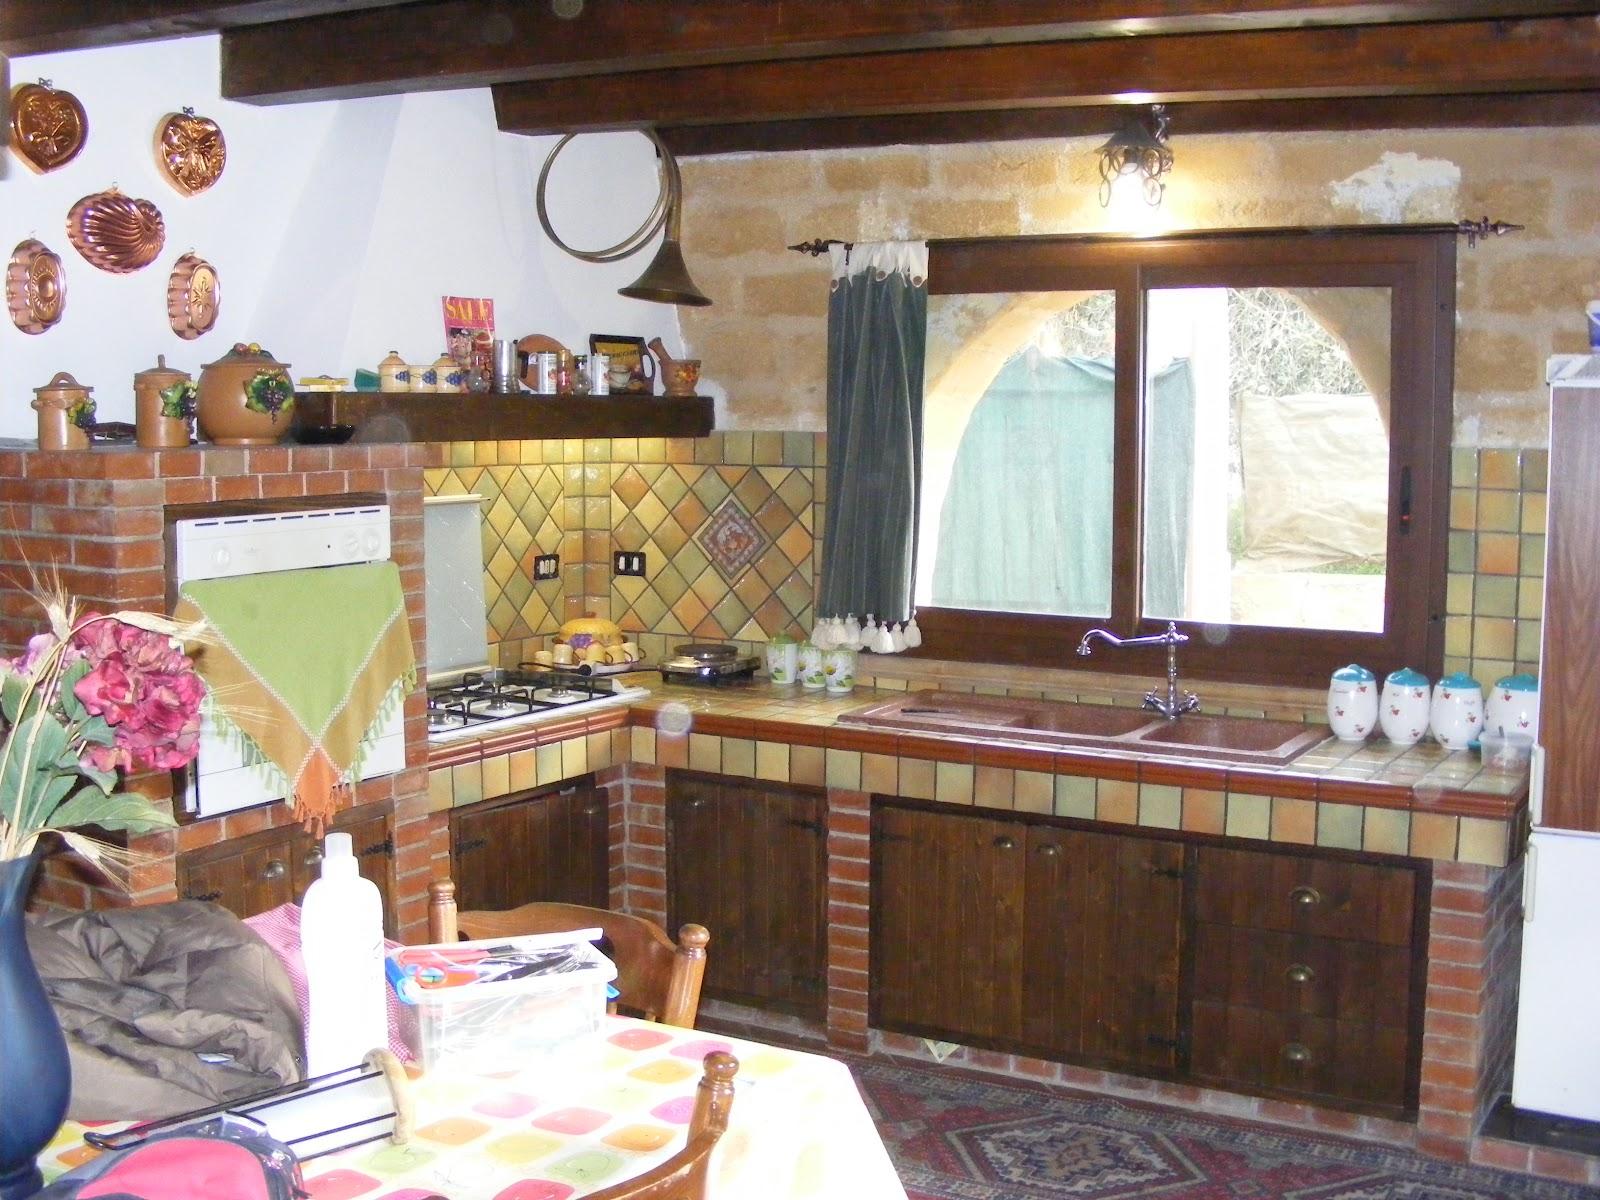 I miei lavori di intonaco stampato e pietra naturale cucina rustica - Costo cucine in muratura ...